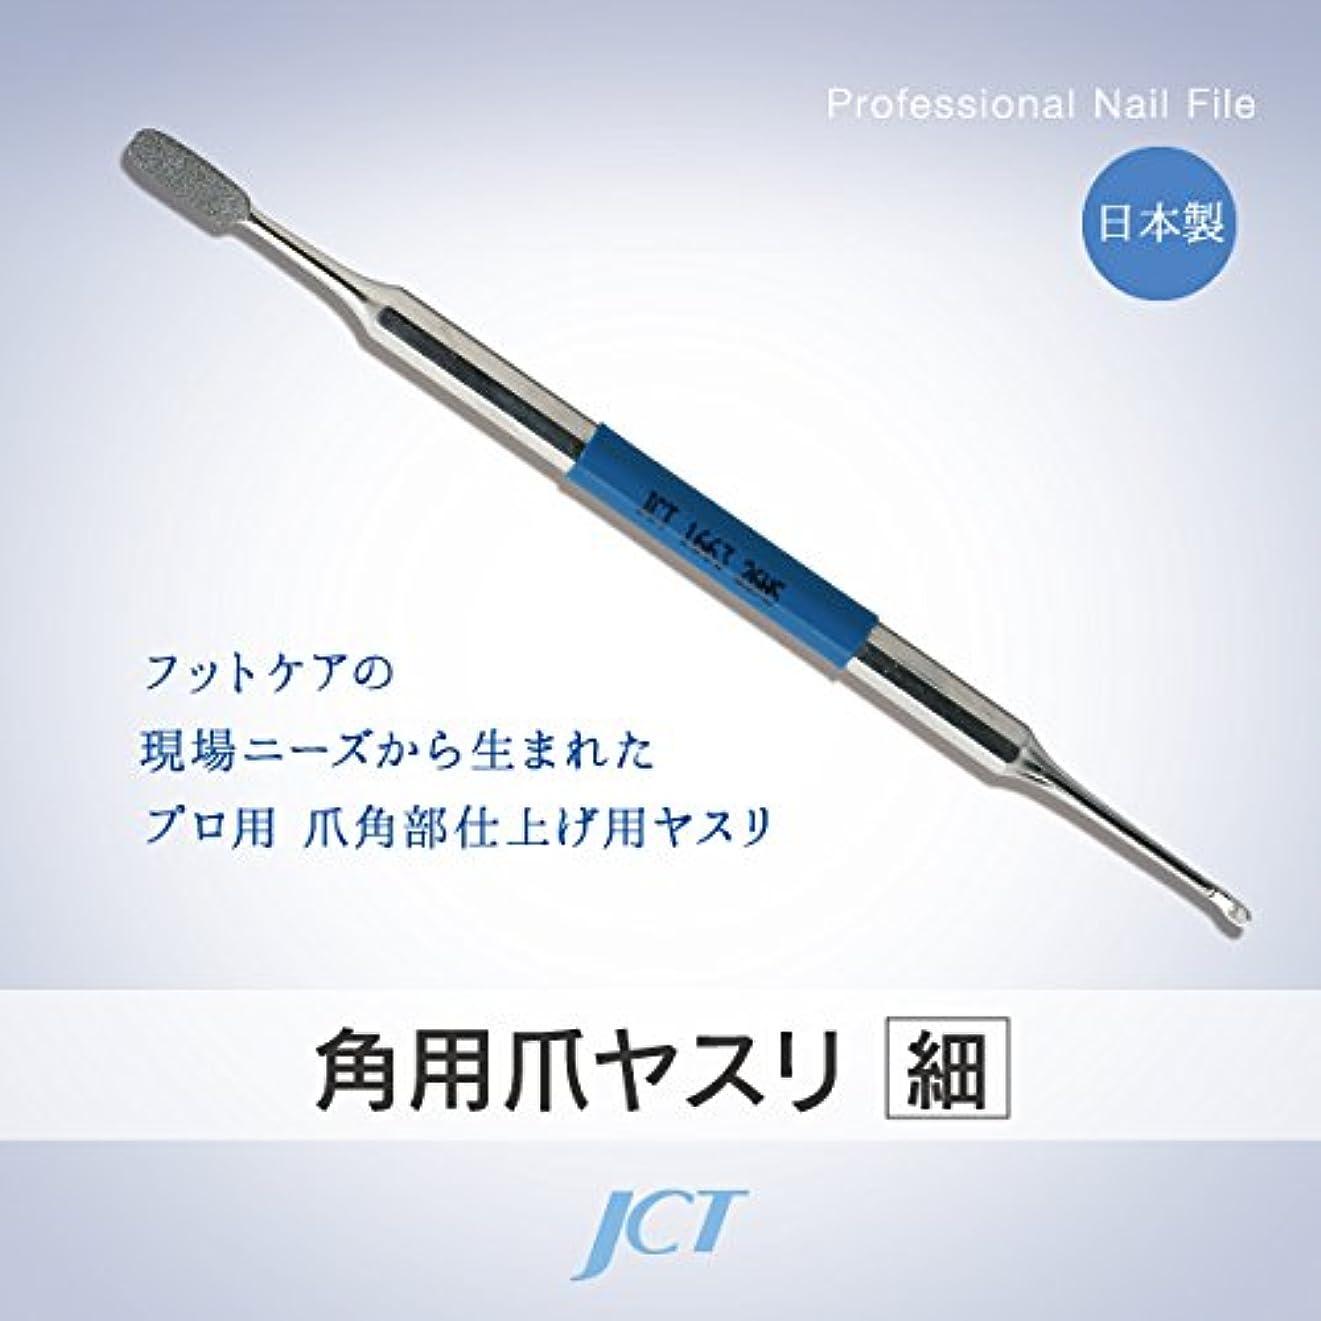 おもしろい選出するにやにやJCT メディカル フットケア ダイヤモンド角用爪ヤスリ(細) 滅菌可 日本製 1年間保証付